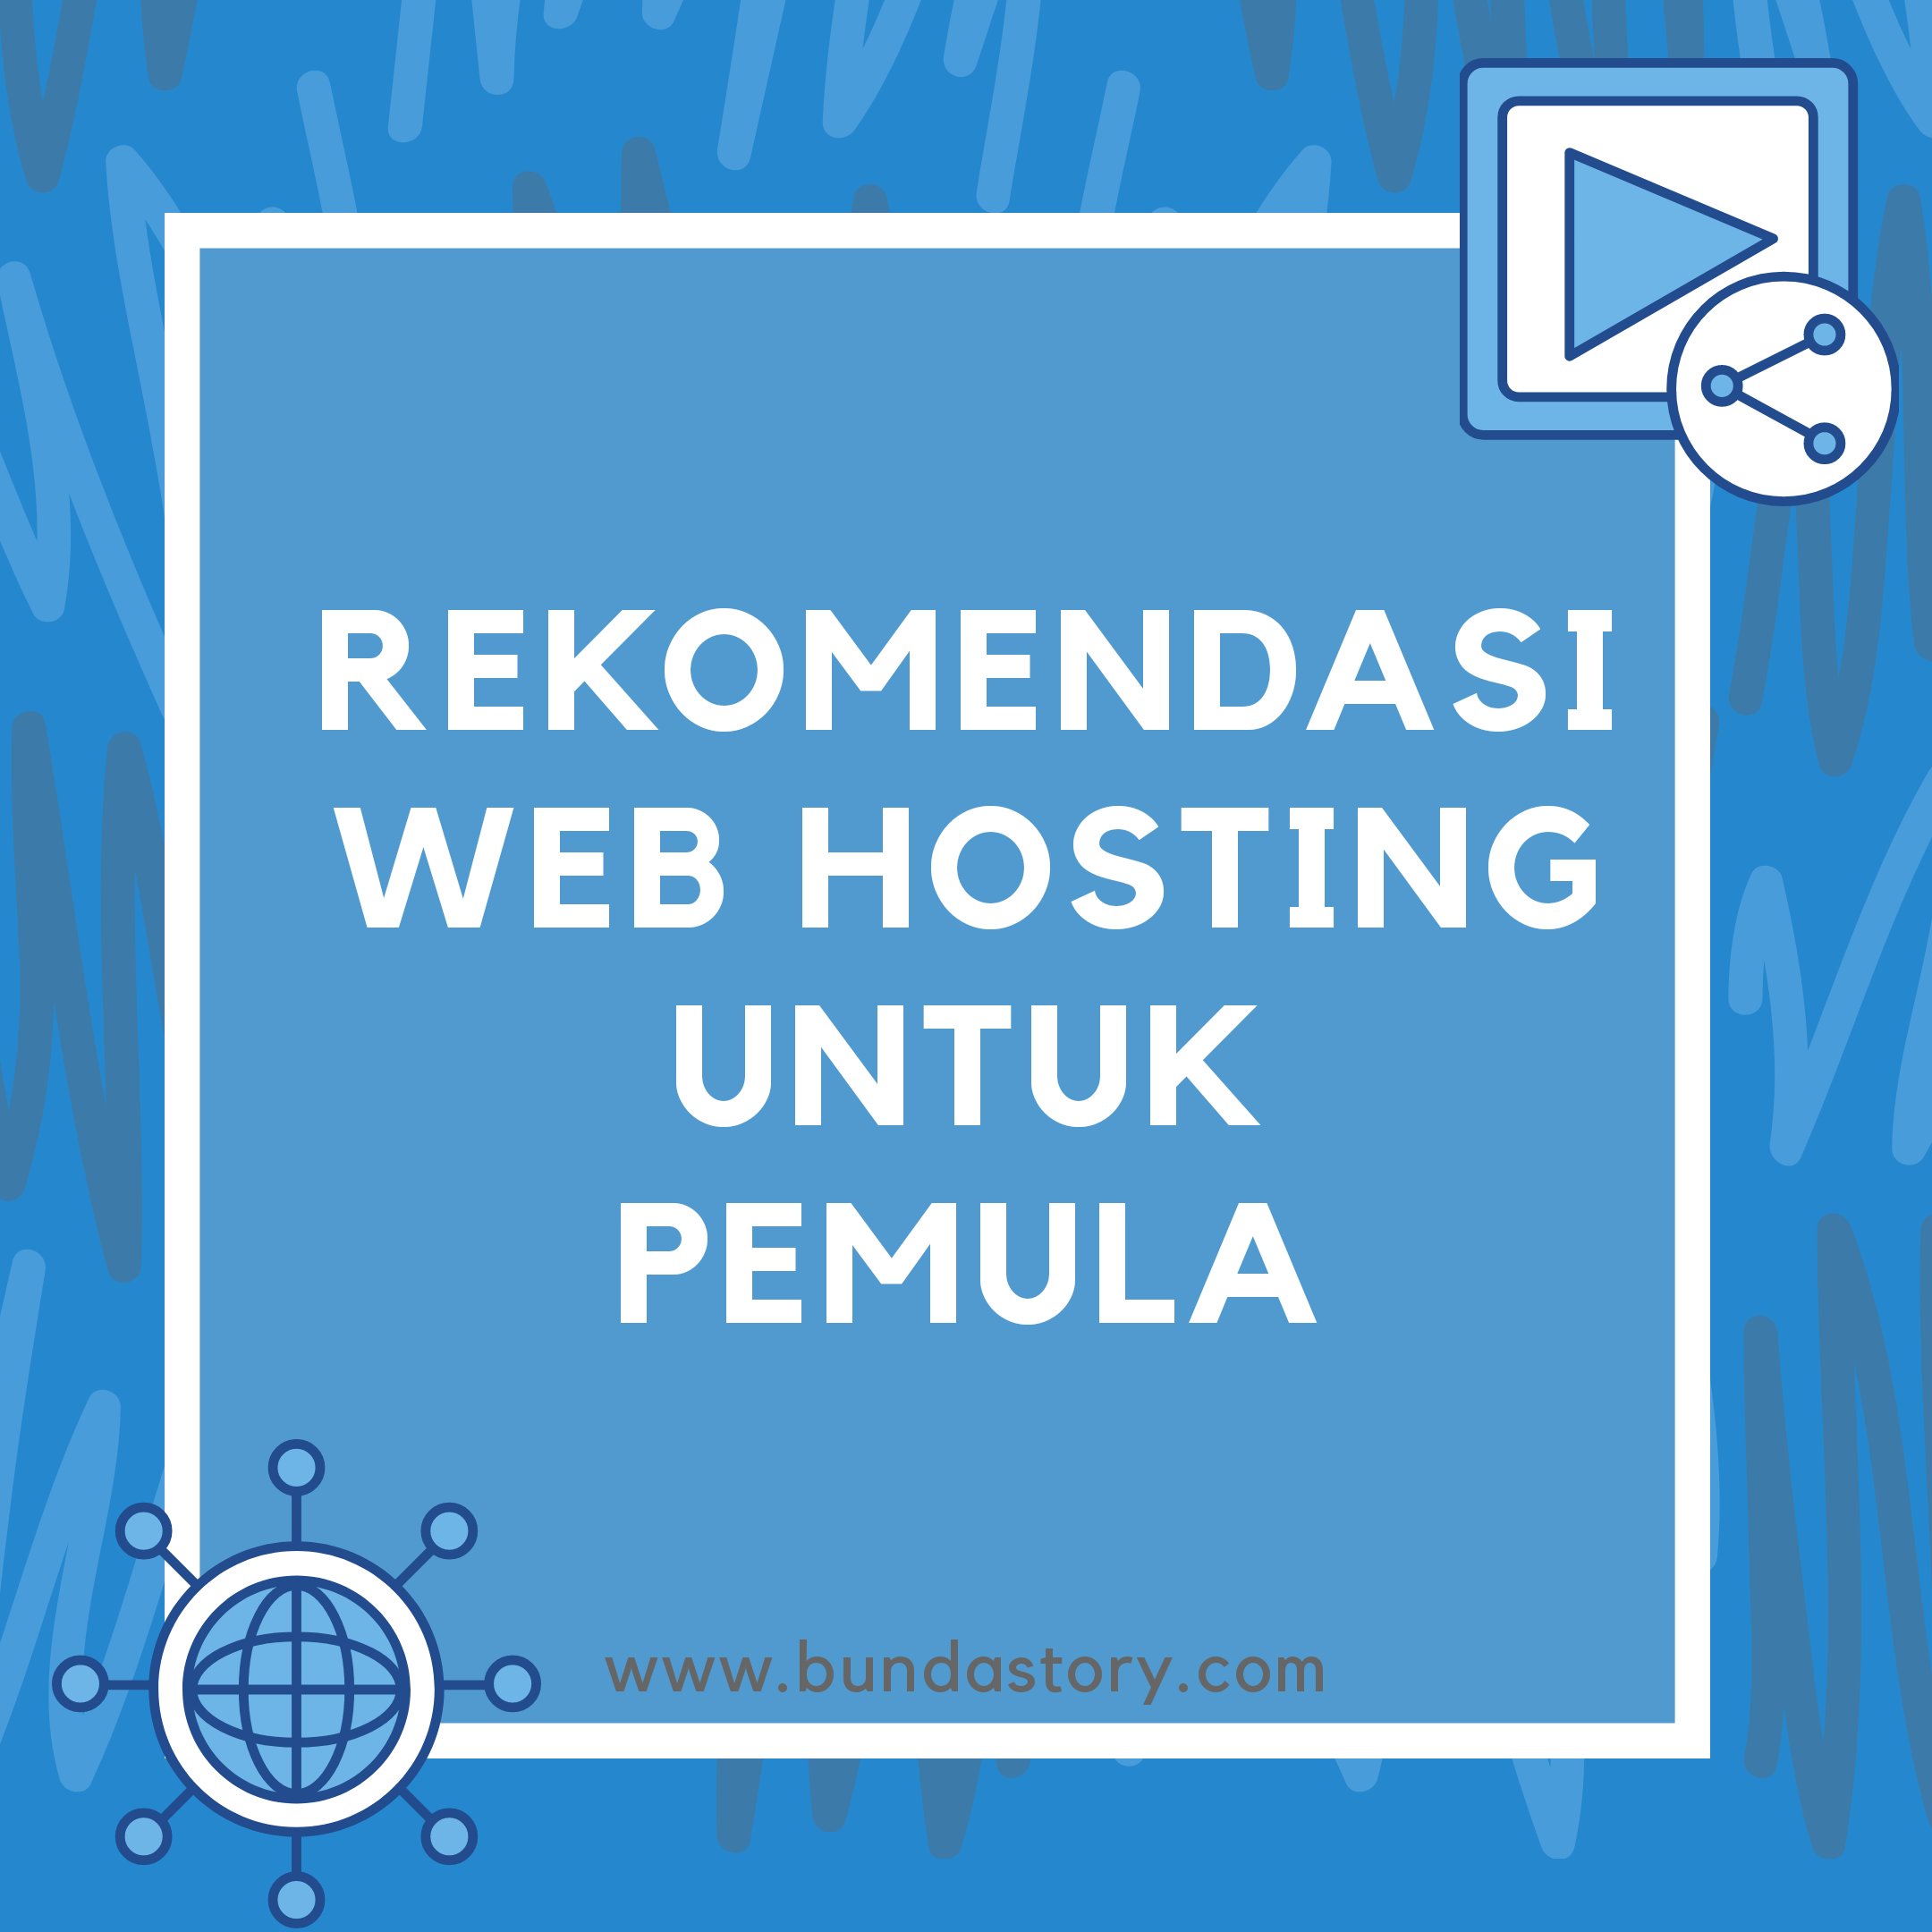 Web hosting untuk pemula